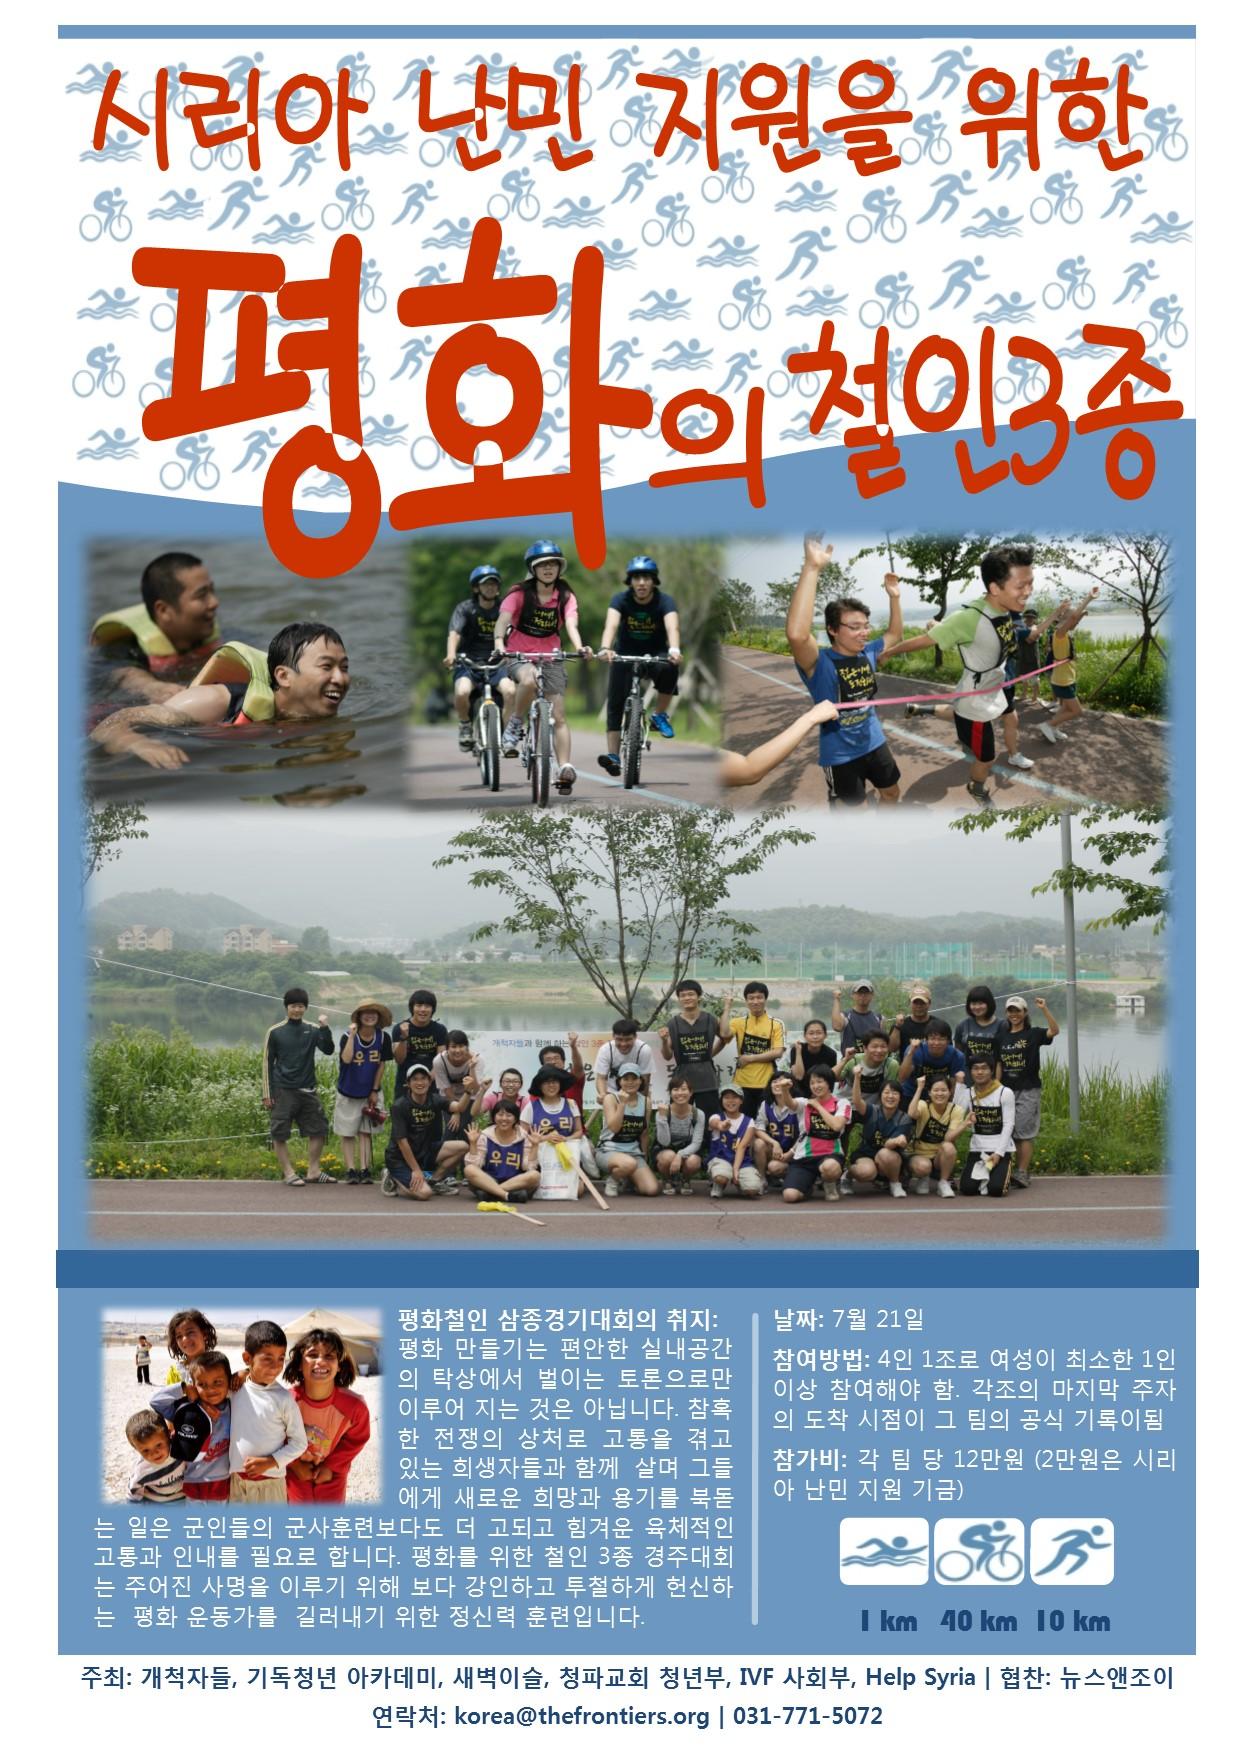 사본 -철인3종2015 (1).jpg